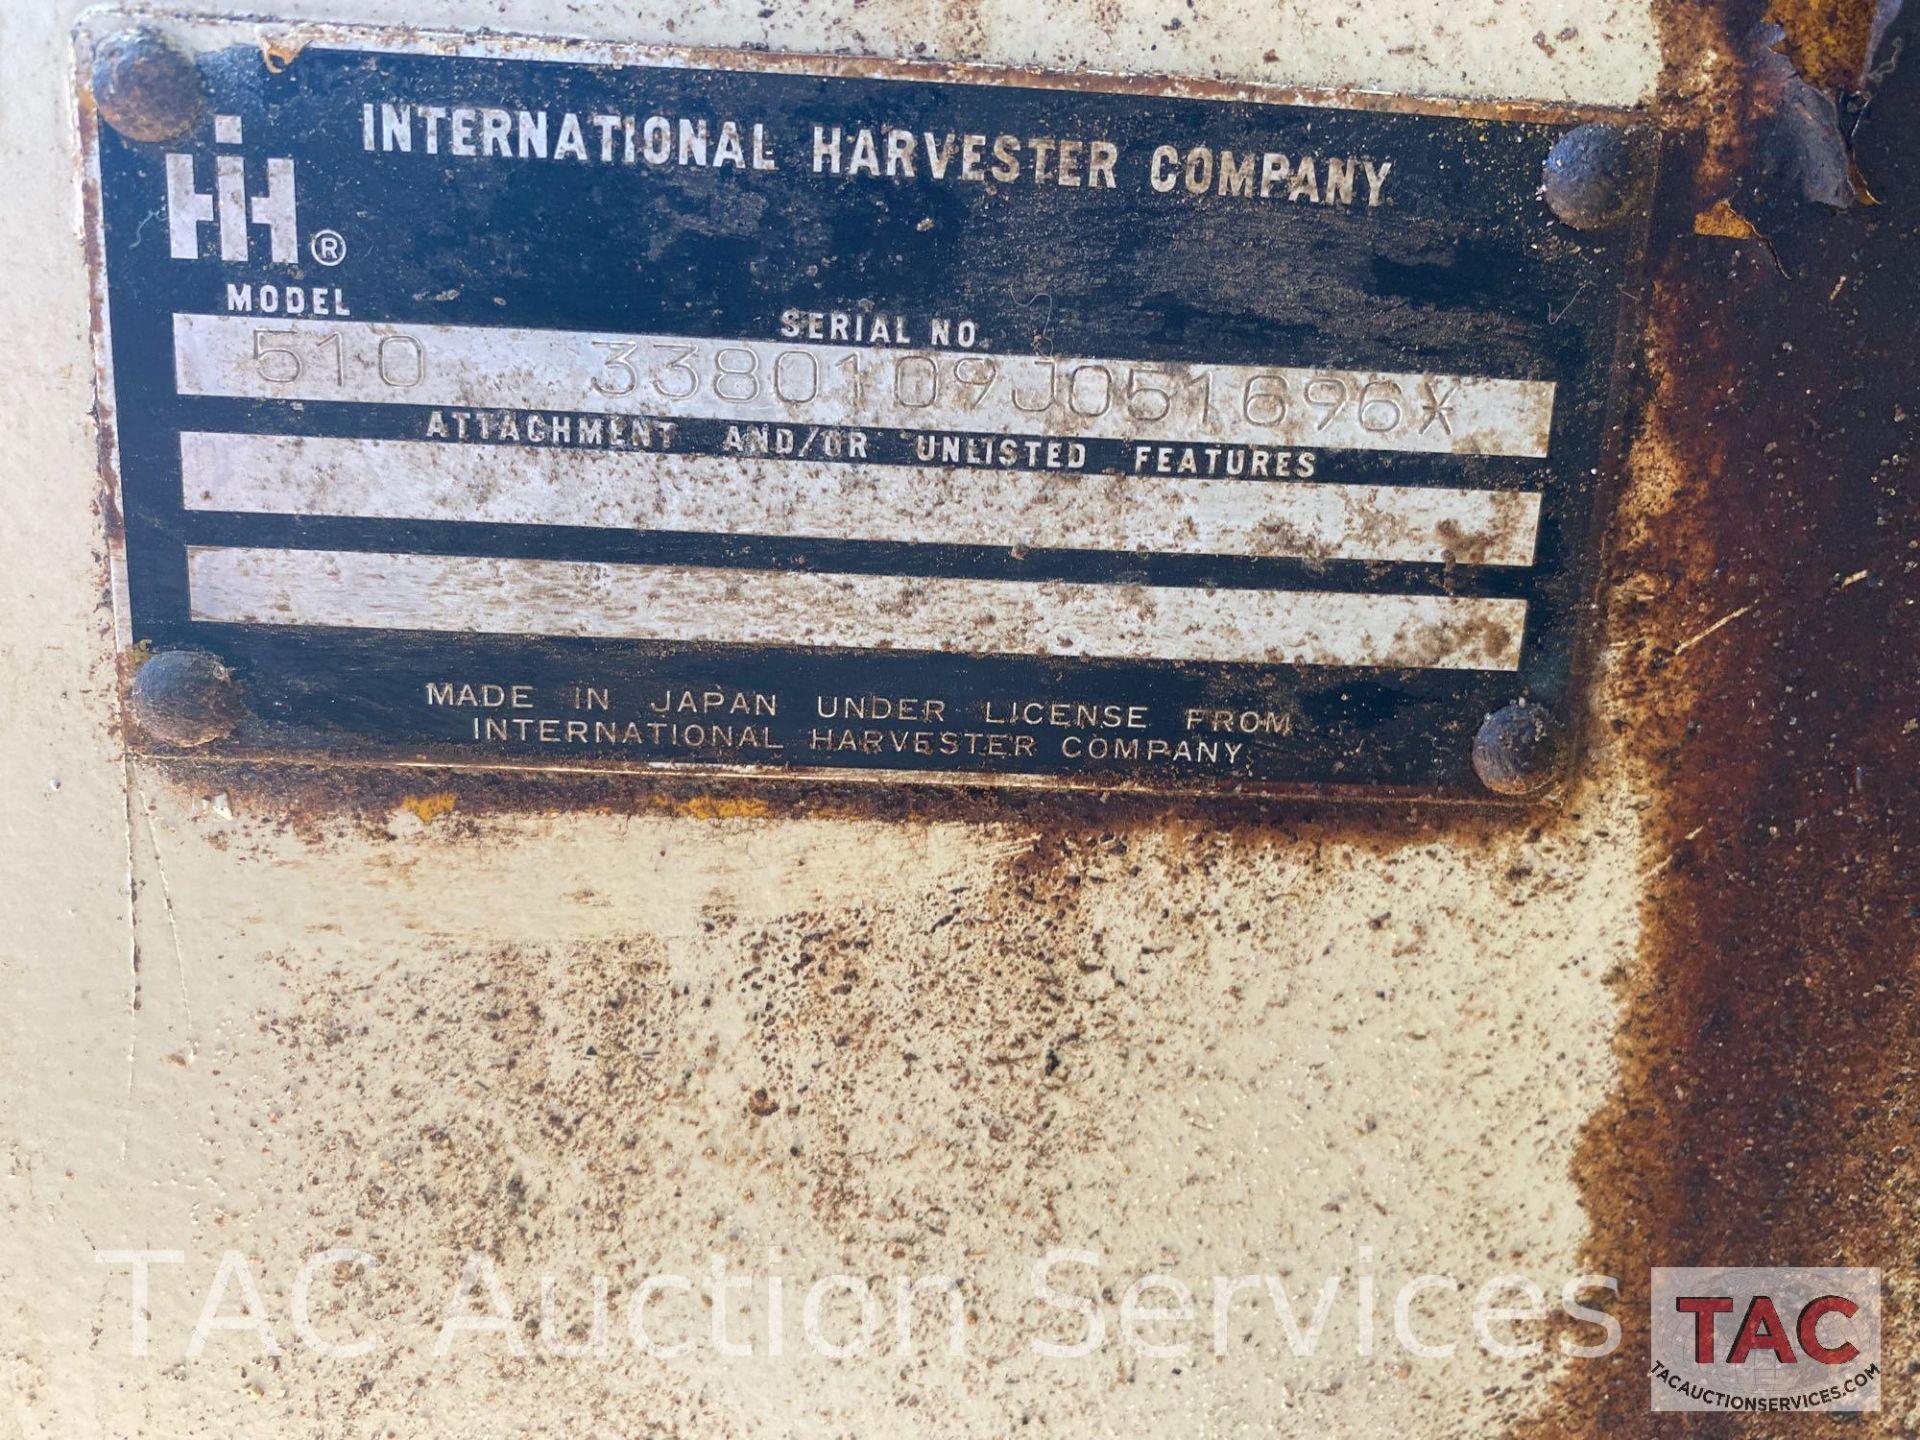 International Harvester 510B Loader - Image 31 of 31